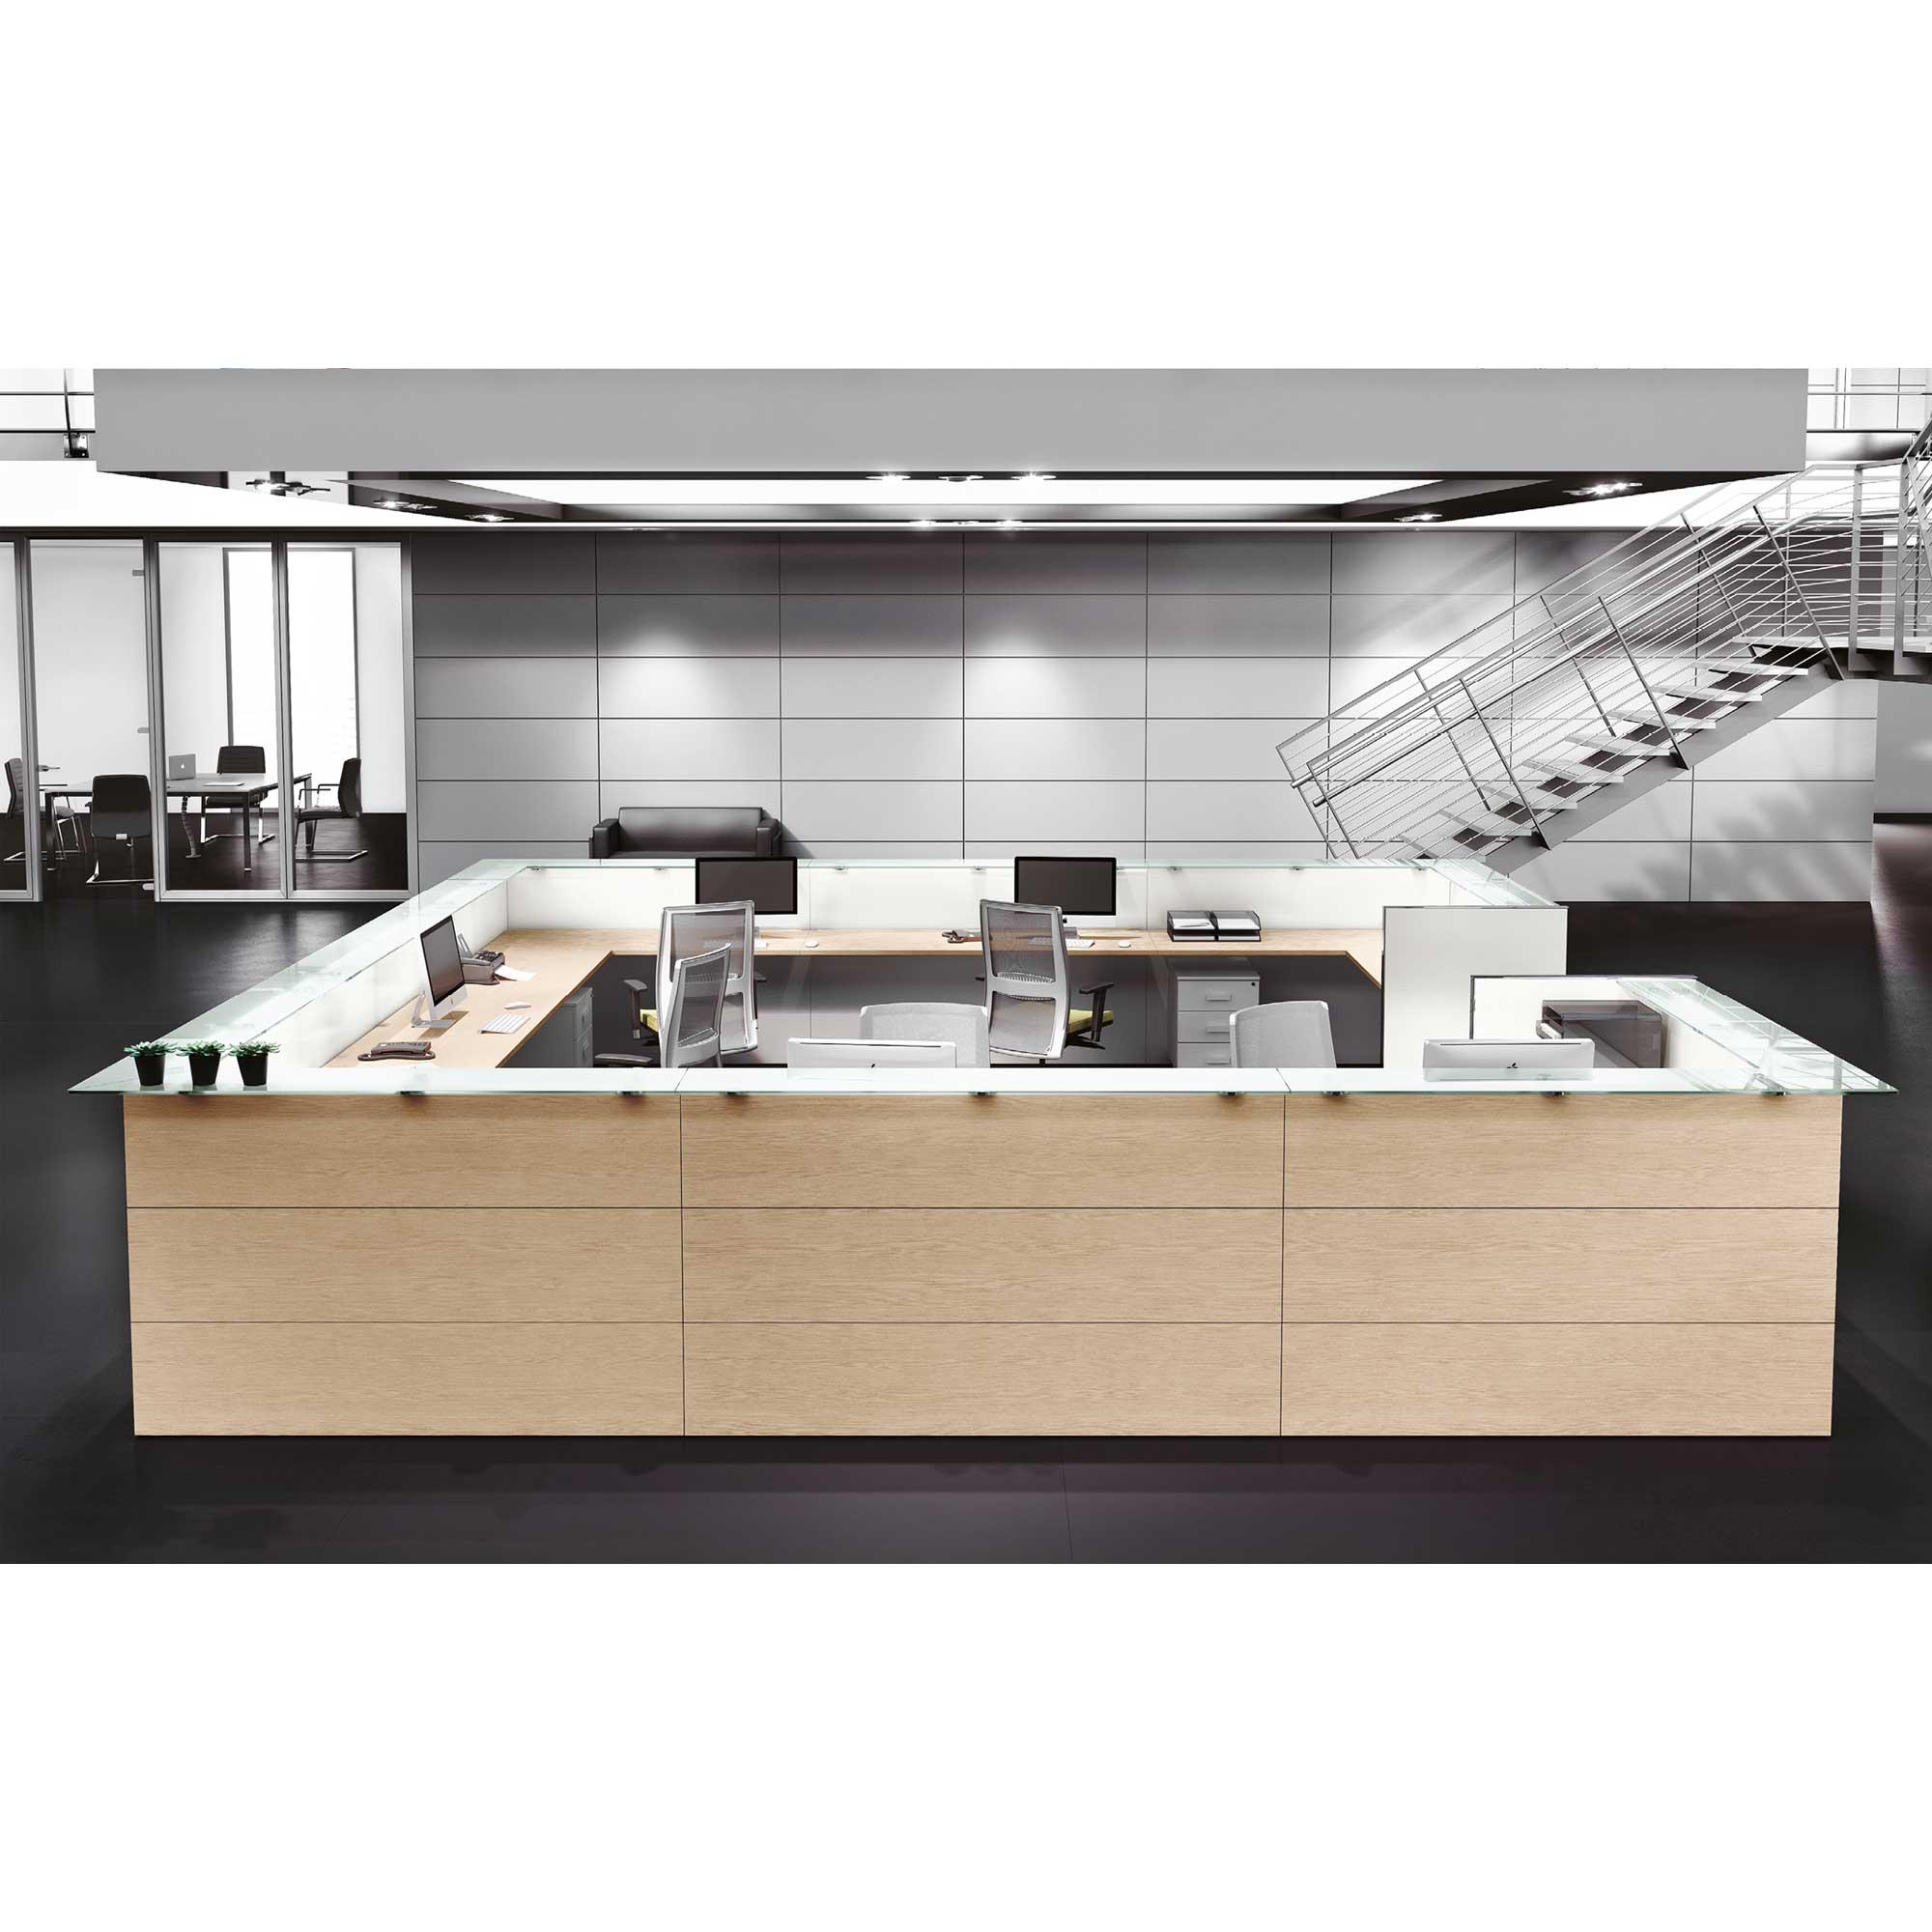 Reception arredamento per uffici catania sicilia tl for Arredo ufficio catania